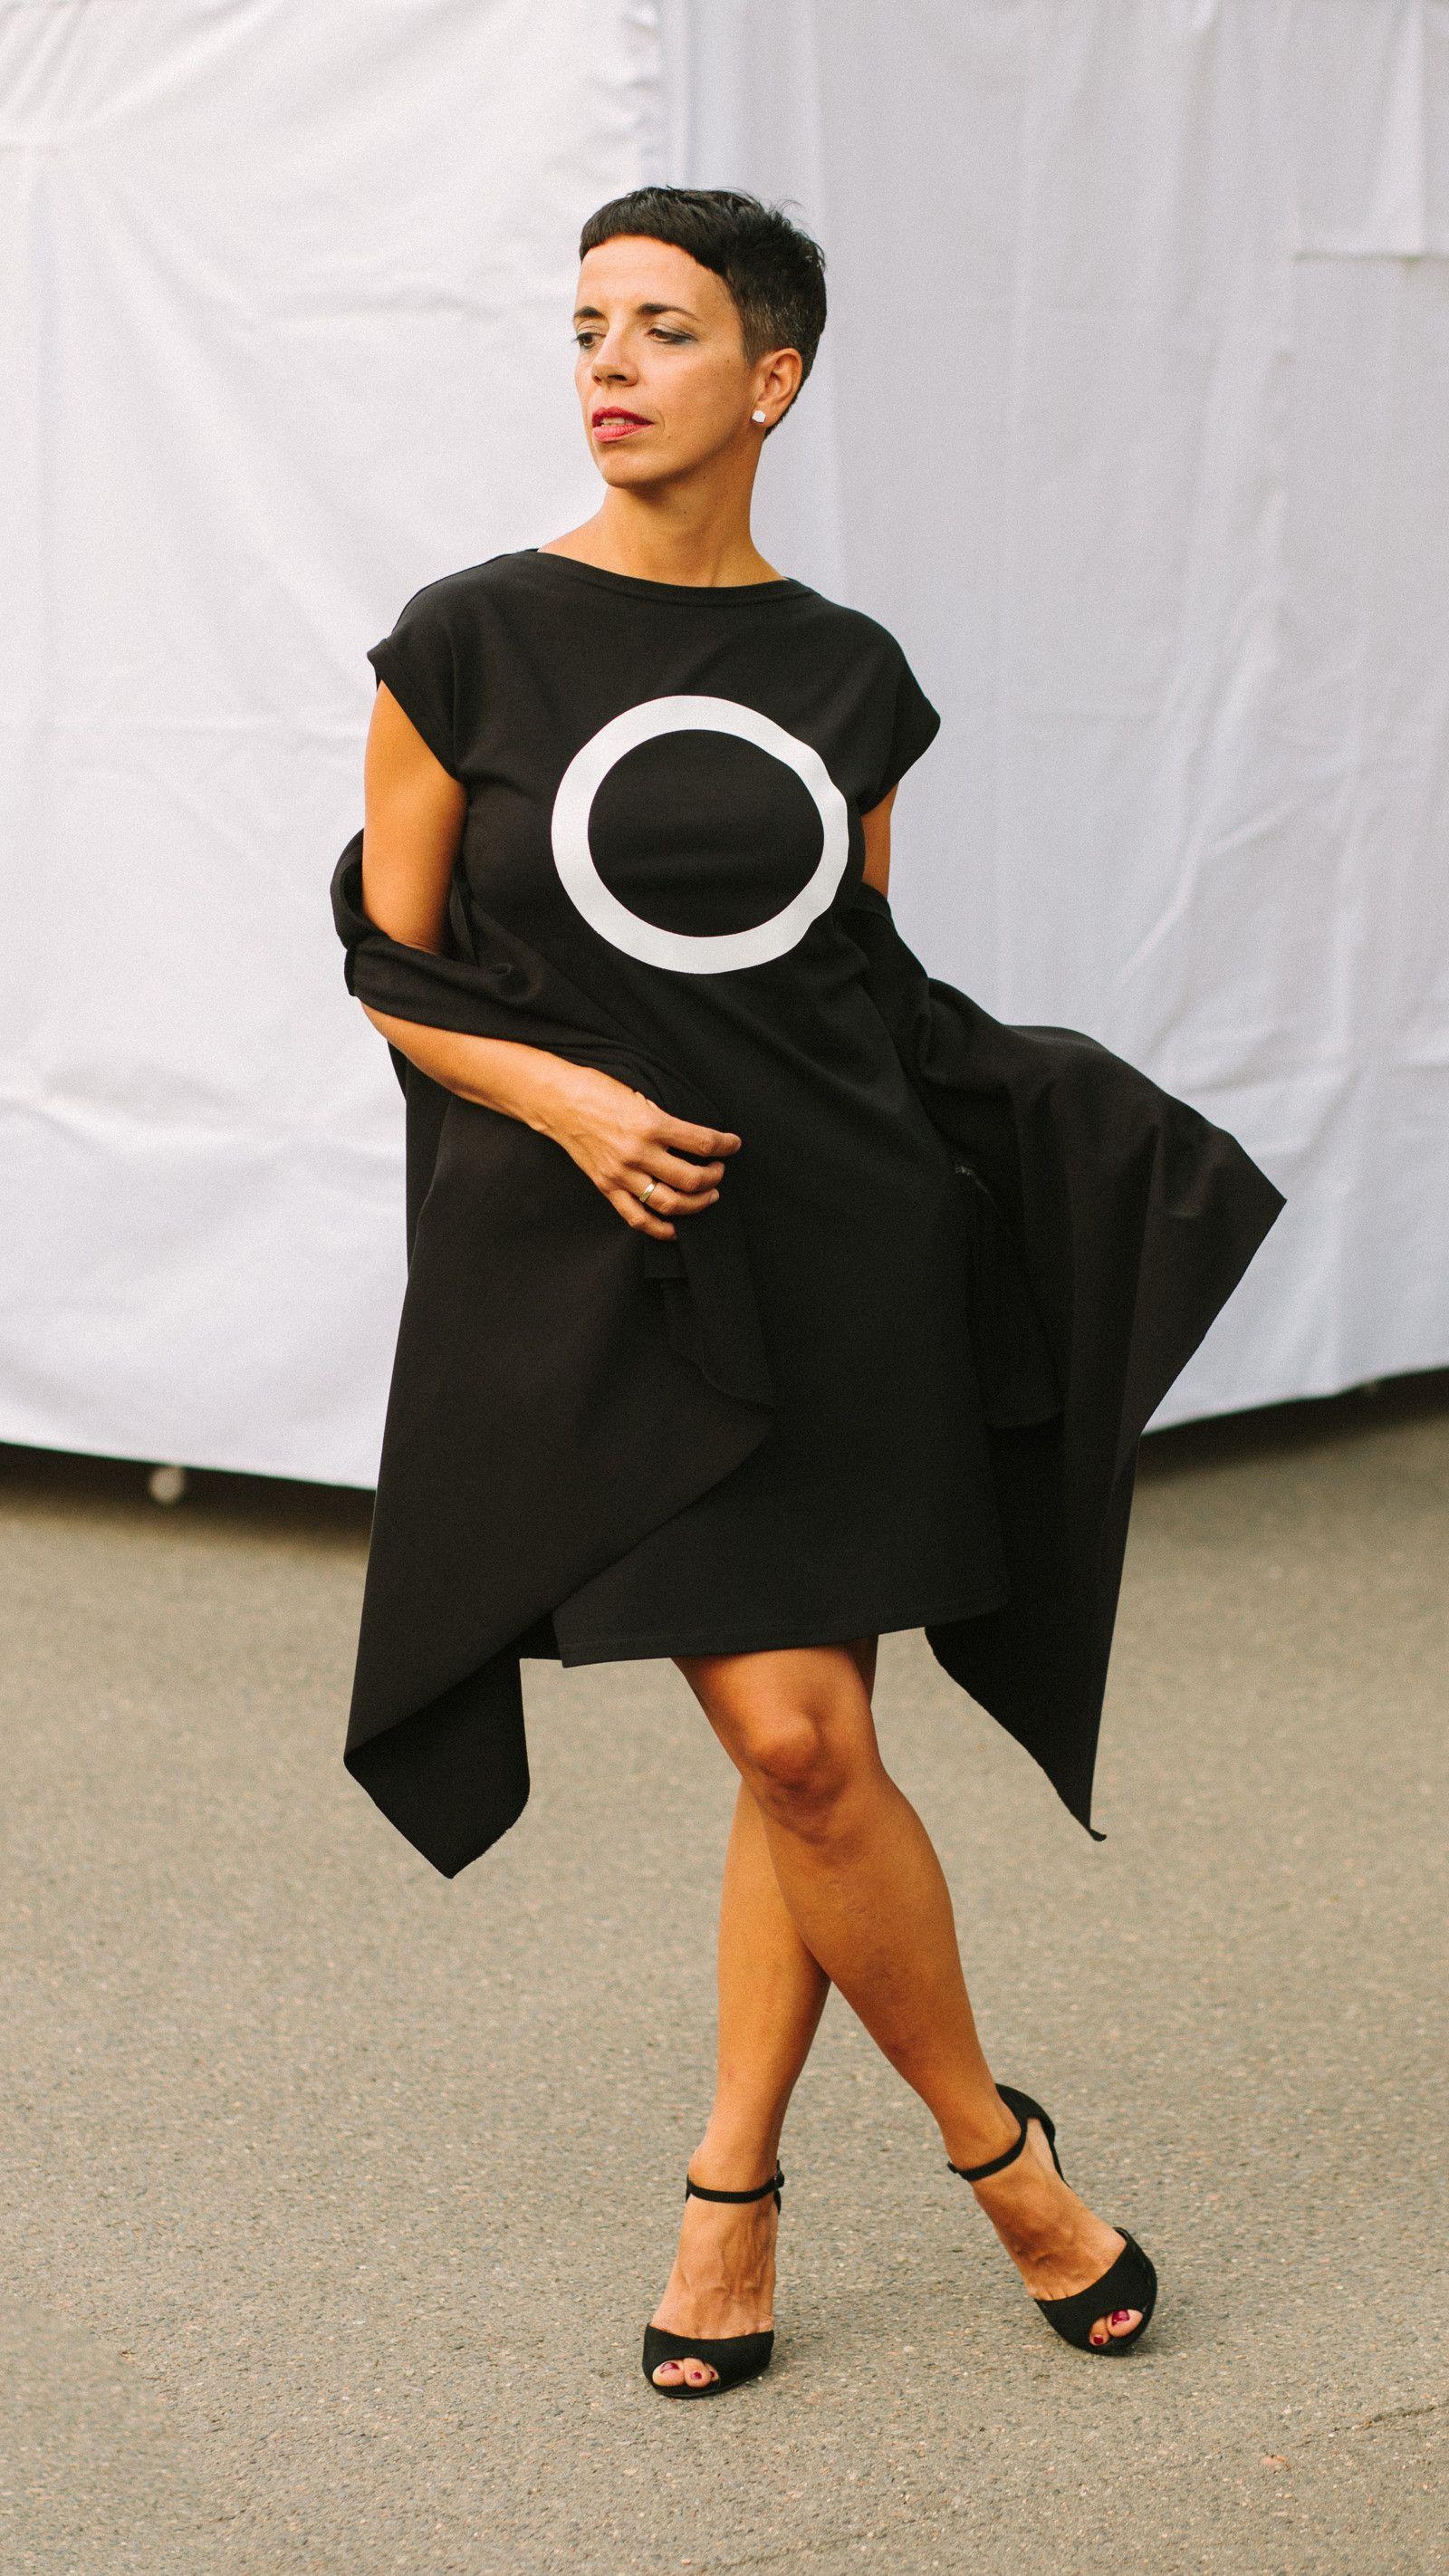 FNDLK+úpletové+šaty+200+RsL+Extravagantní+jednoduché+úpletové+šaty+s ... f66adfb2647